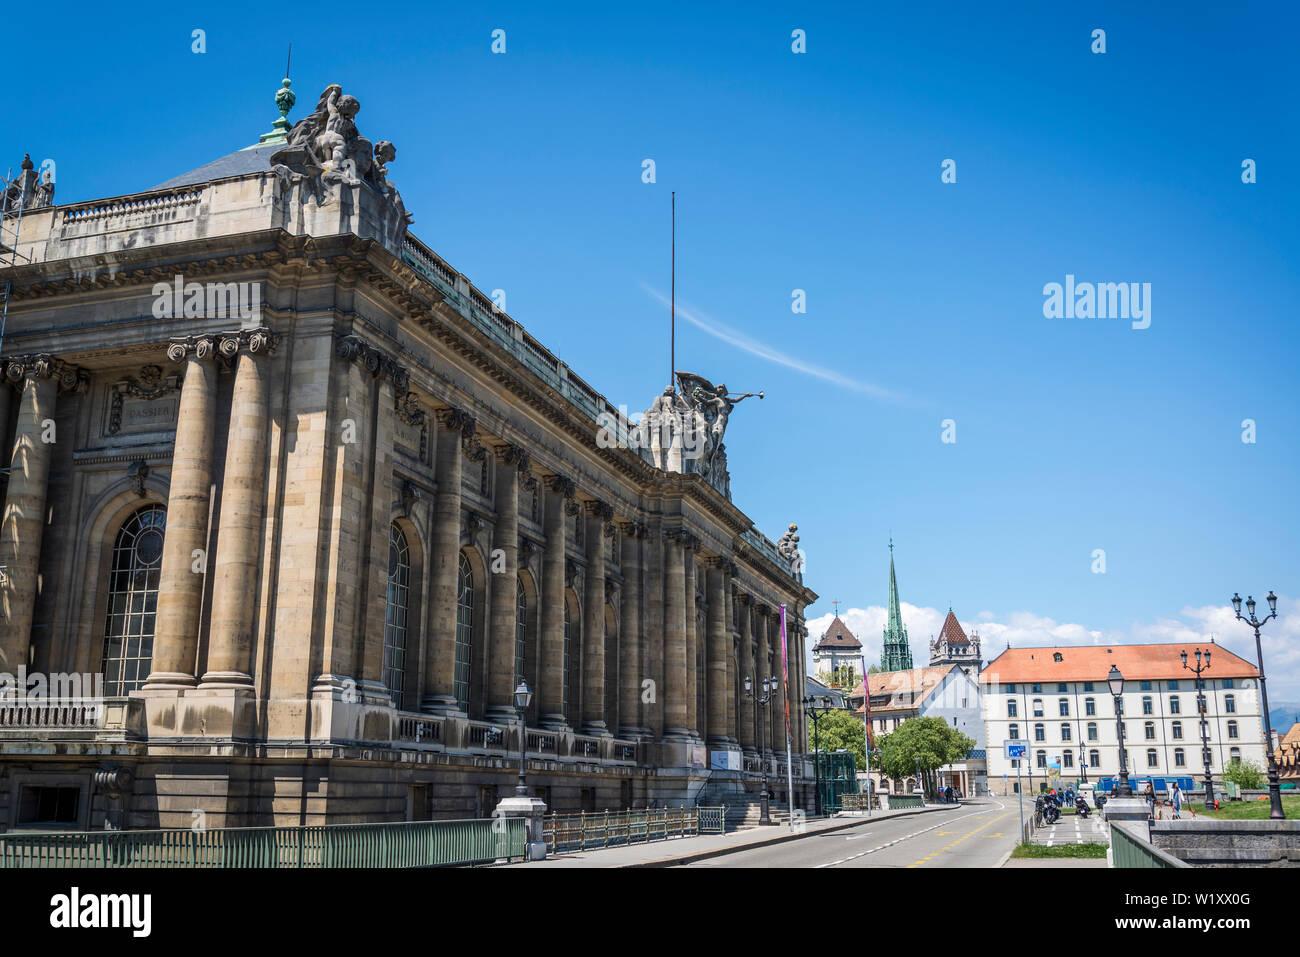 Kunst und Geschichte Museum, das größte Museum der Stadt, Genf, Schweiz Stockfoto